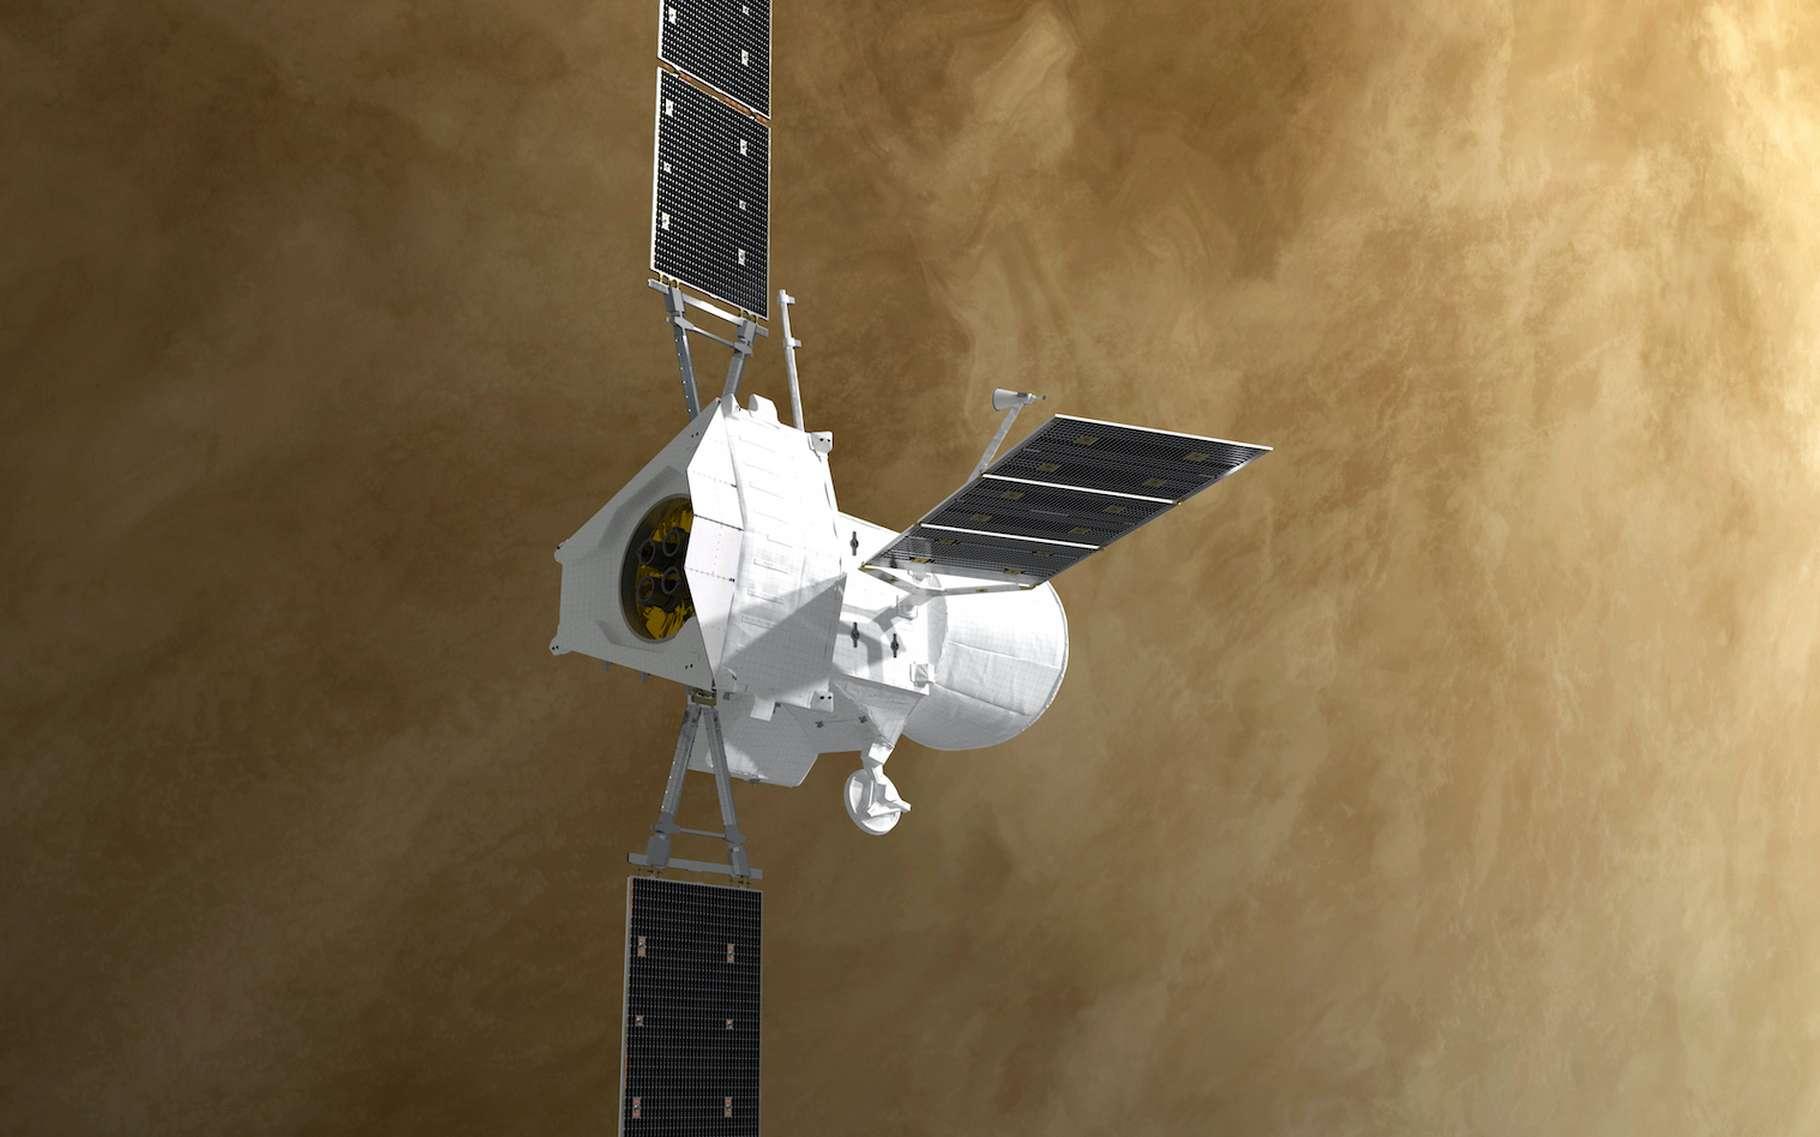 Une vue d'artiste du passage de la sonde BepiColombo au-dessus de Vénus, le 10 août 2021. © ESA, ATG medialab